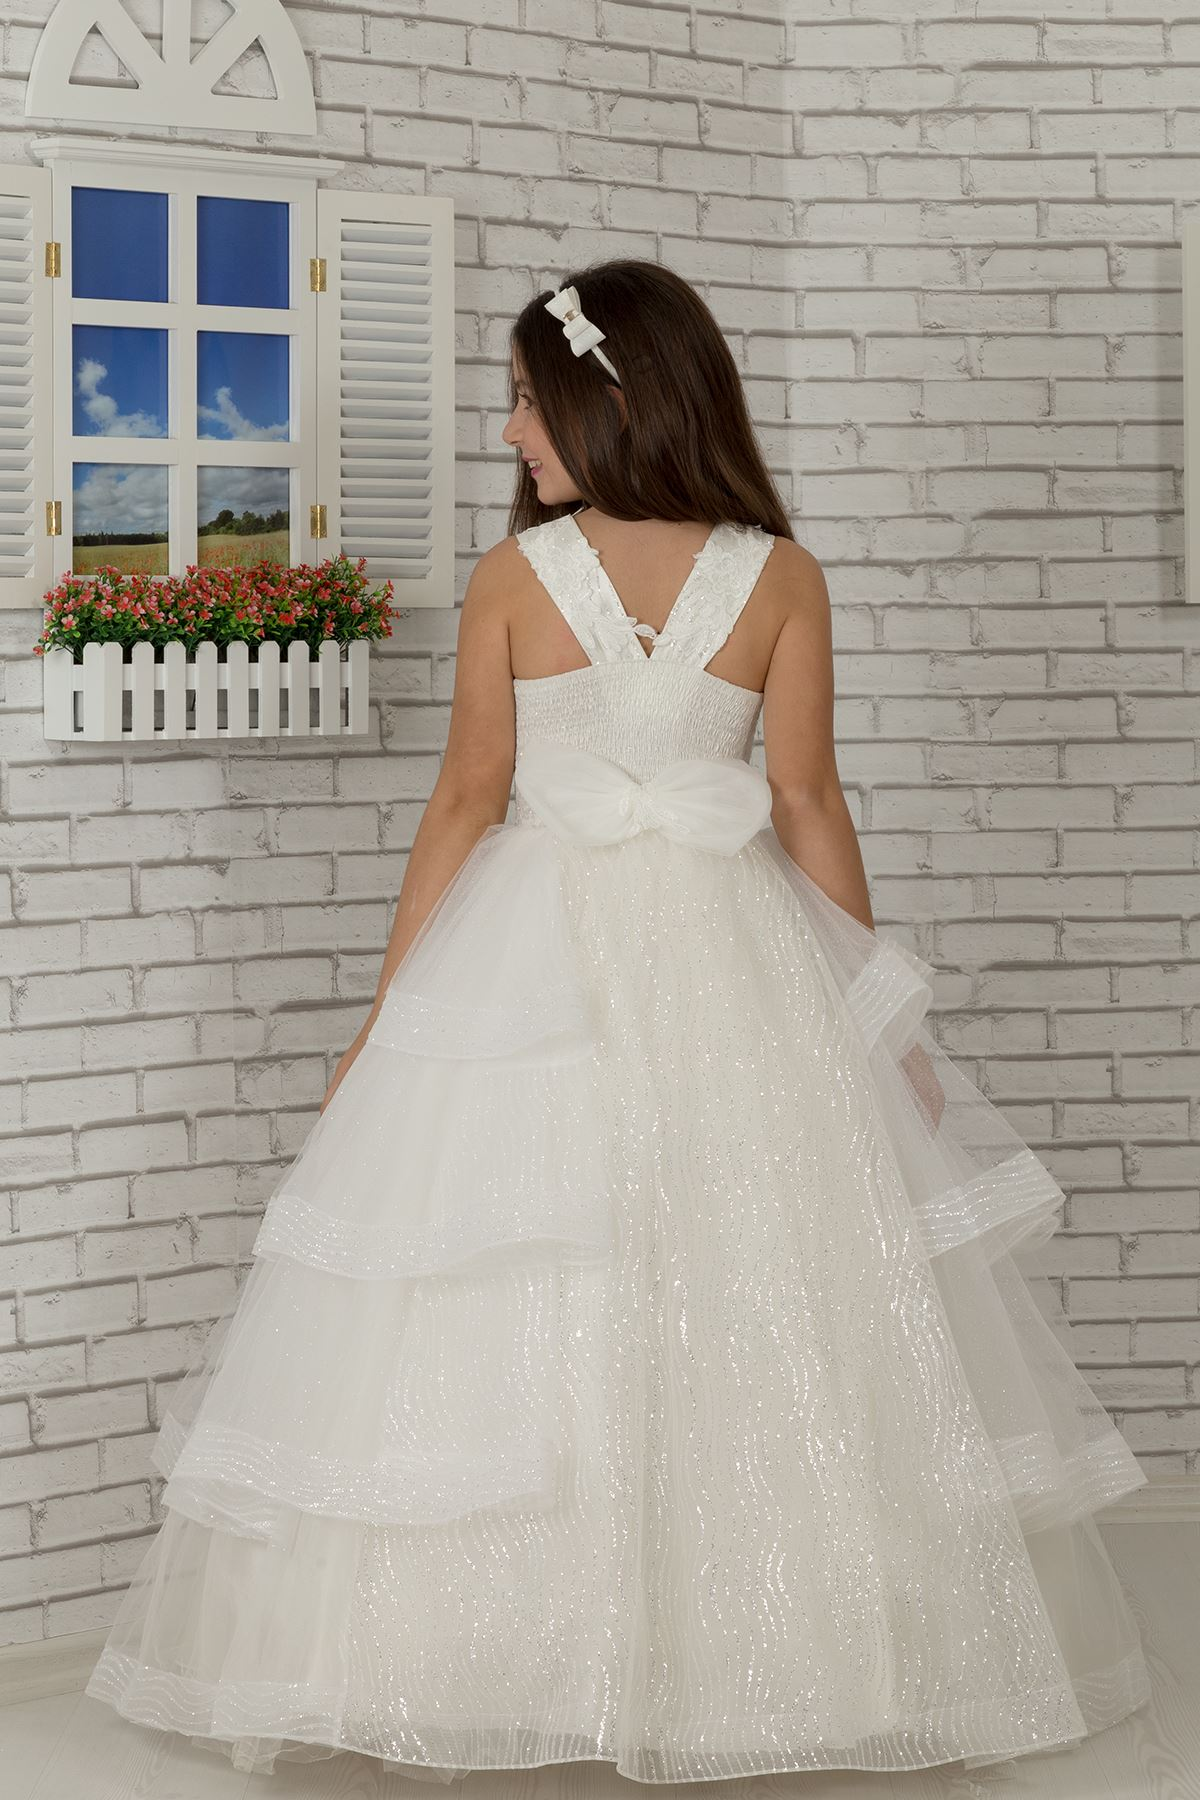 Тело вышито, пальто юбка подробно, специальный серебристый тюль пушистый девочка дети вечернее платье 625 крем